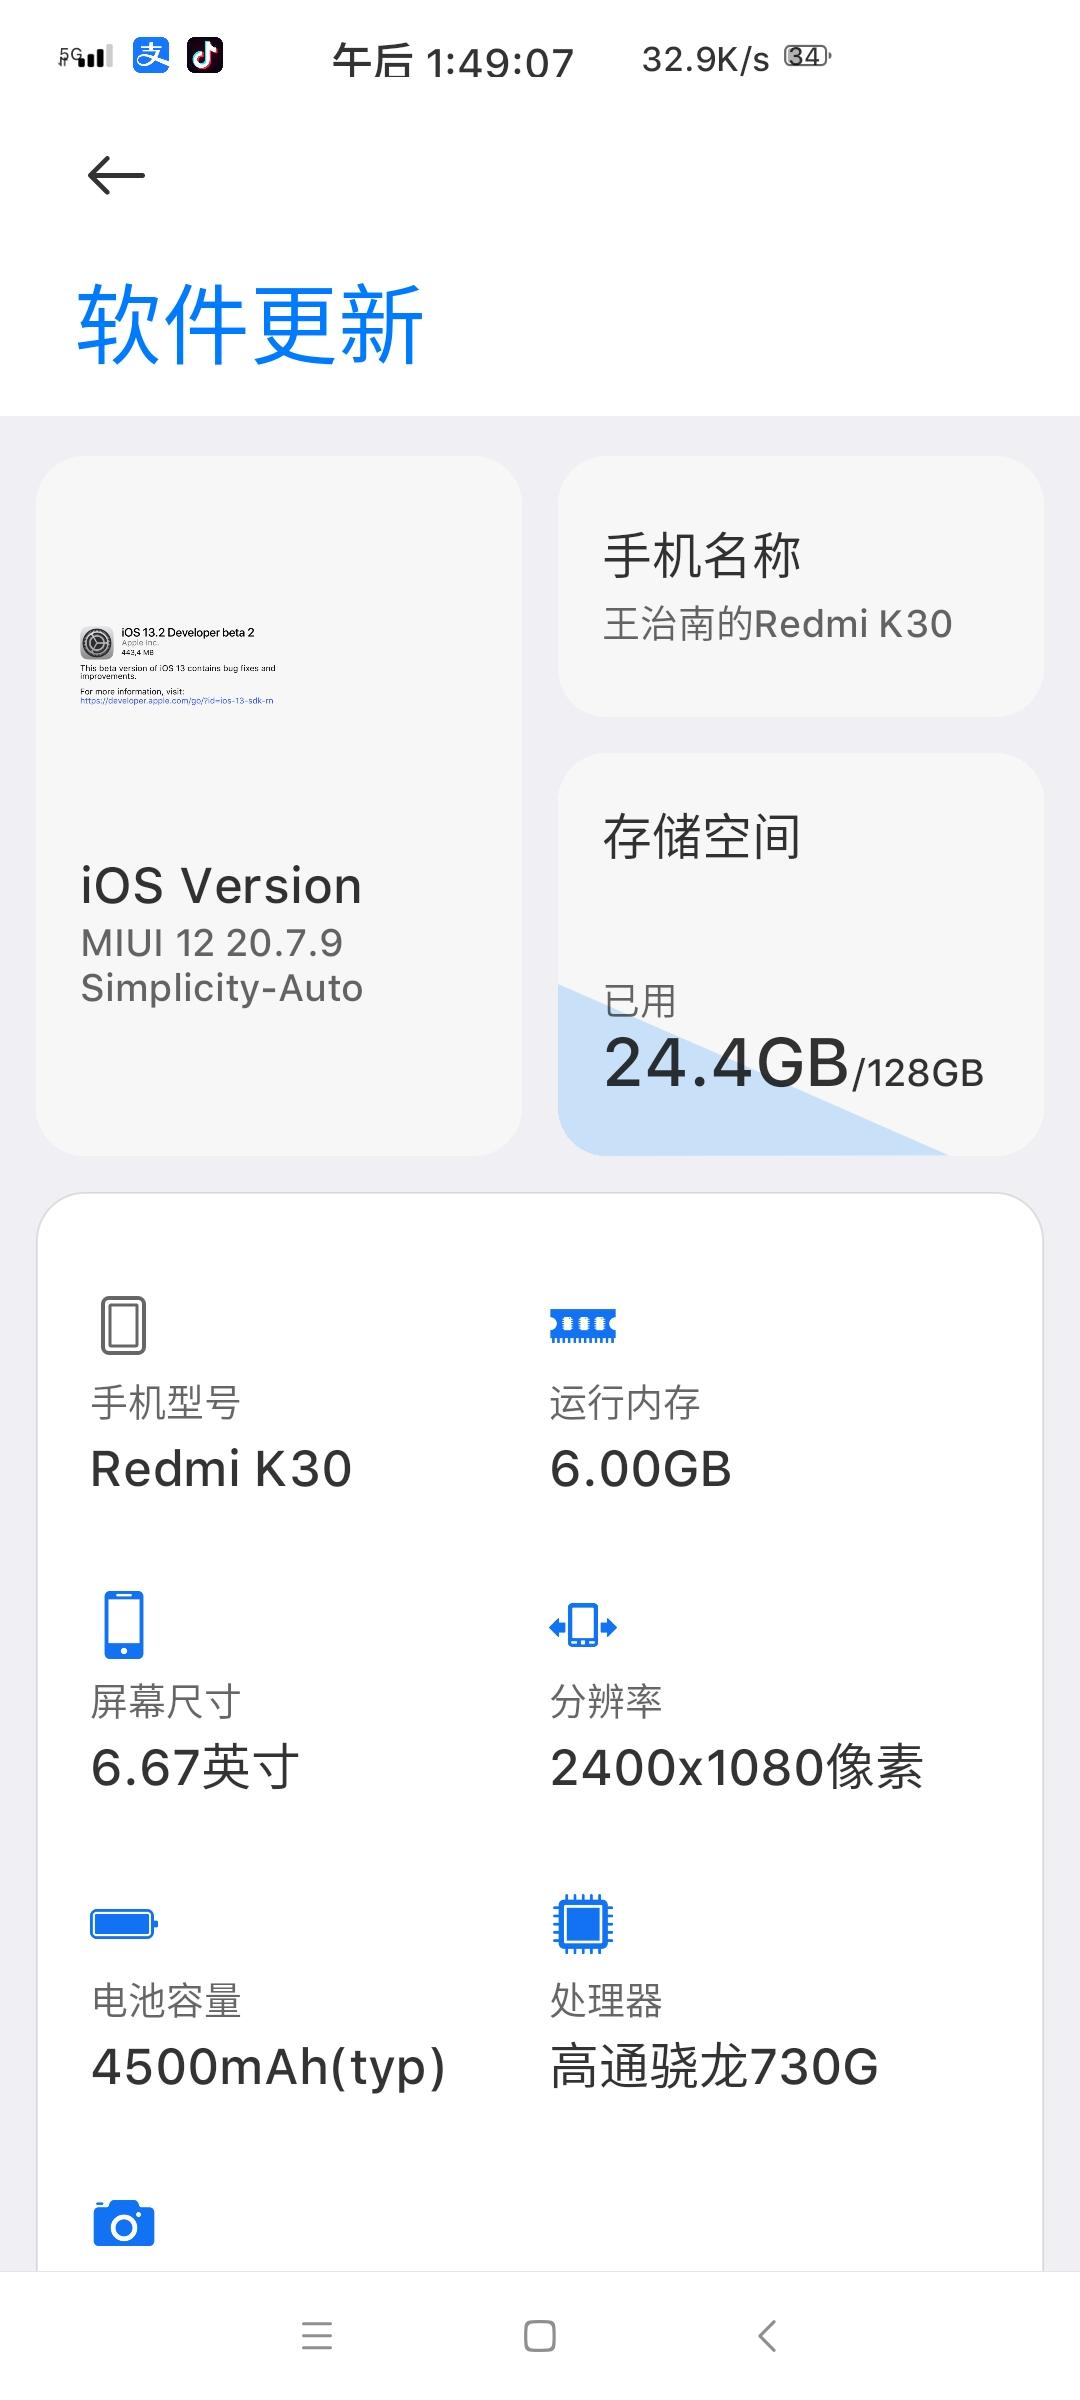 最新iOS主题,不喜勿喷,需要root权限,